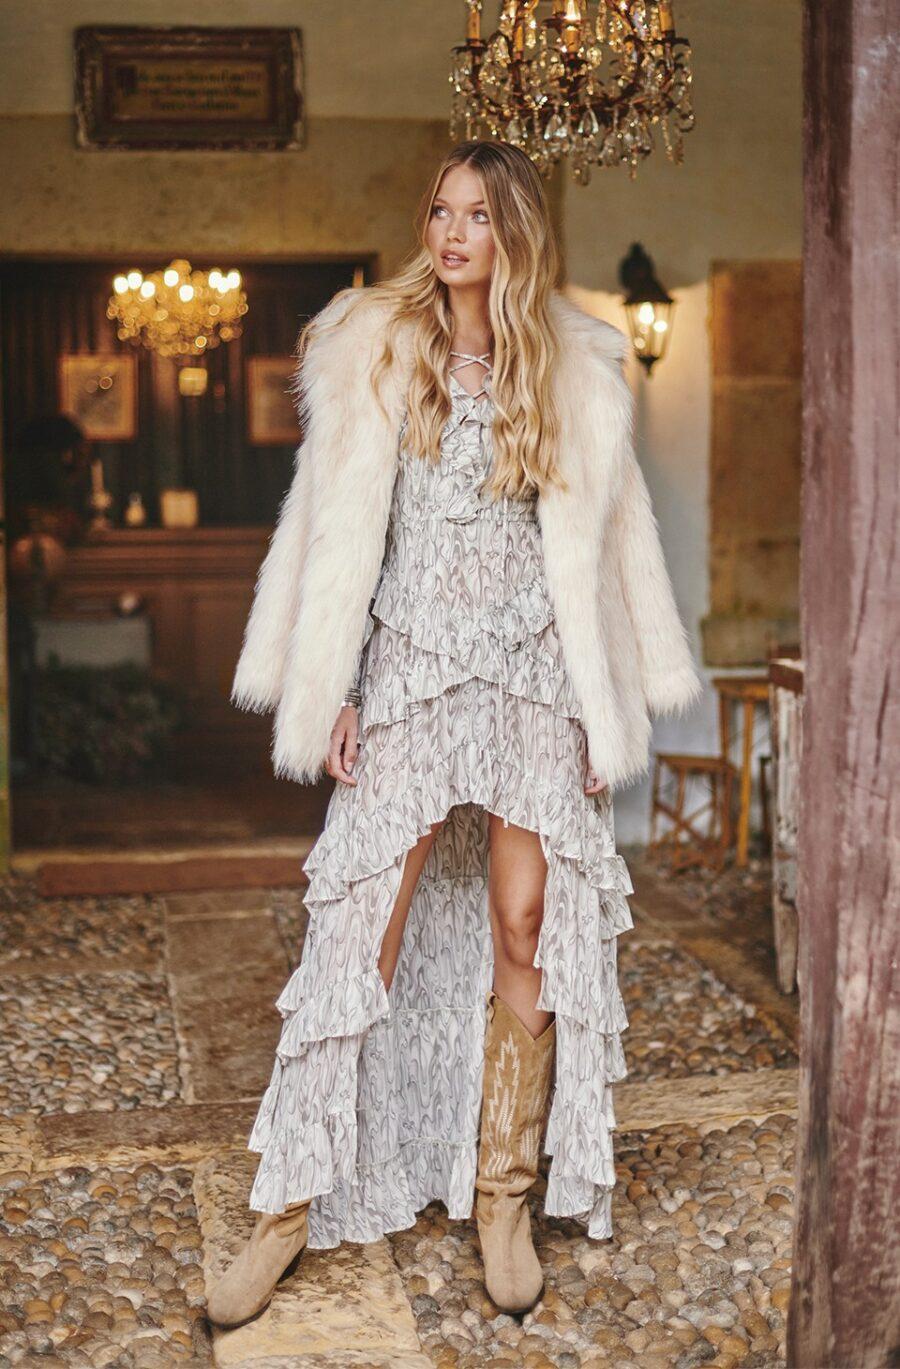 <ul> <li>Abrigo de pelo largo sintético en color beige</li> <li>Marca Fetiche</li> <li>Con forro en el interior</li> <li>Estilo bohemio</li> <li>Con bolsillos</li> <li>La modelo mide 1.80cm y lleva la talla S</li> </ul> Alabama Shop